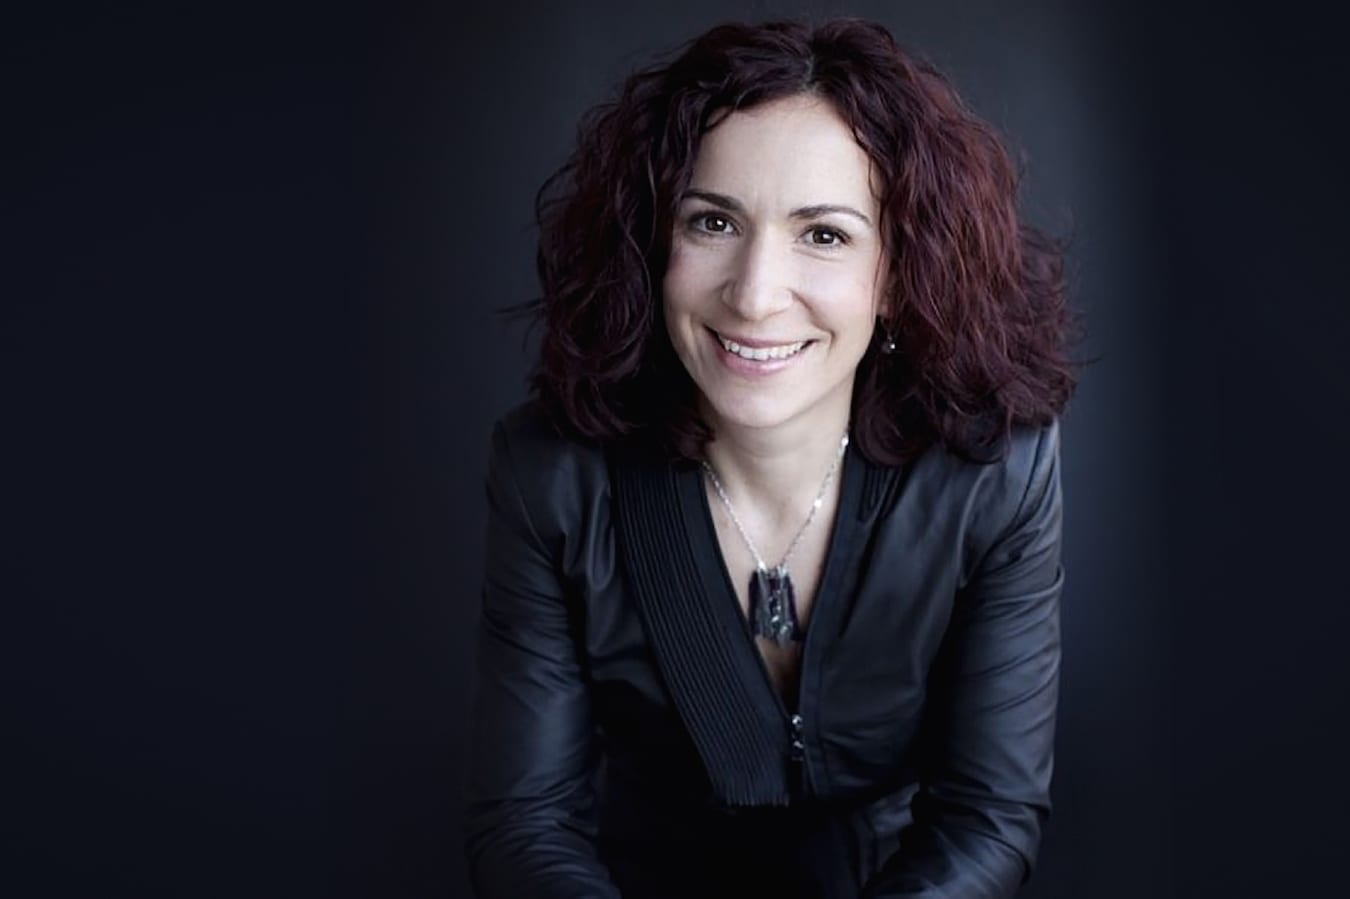 Communiquer avec impact : les conseils de Véronique Proulx